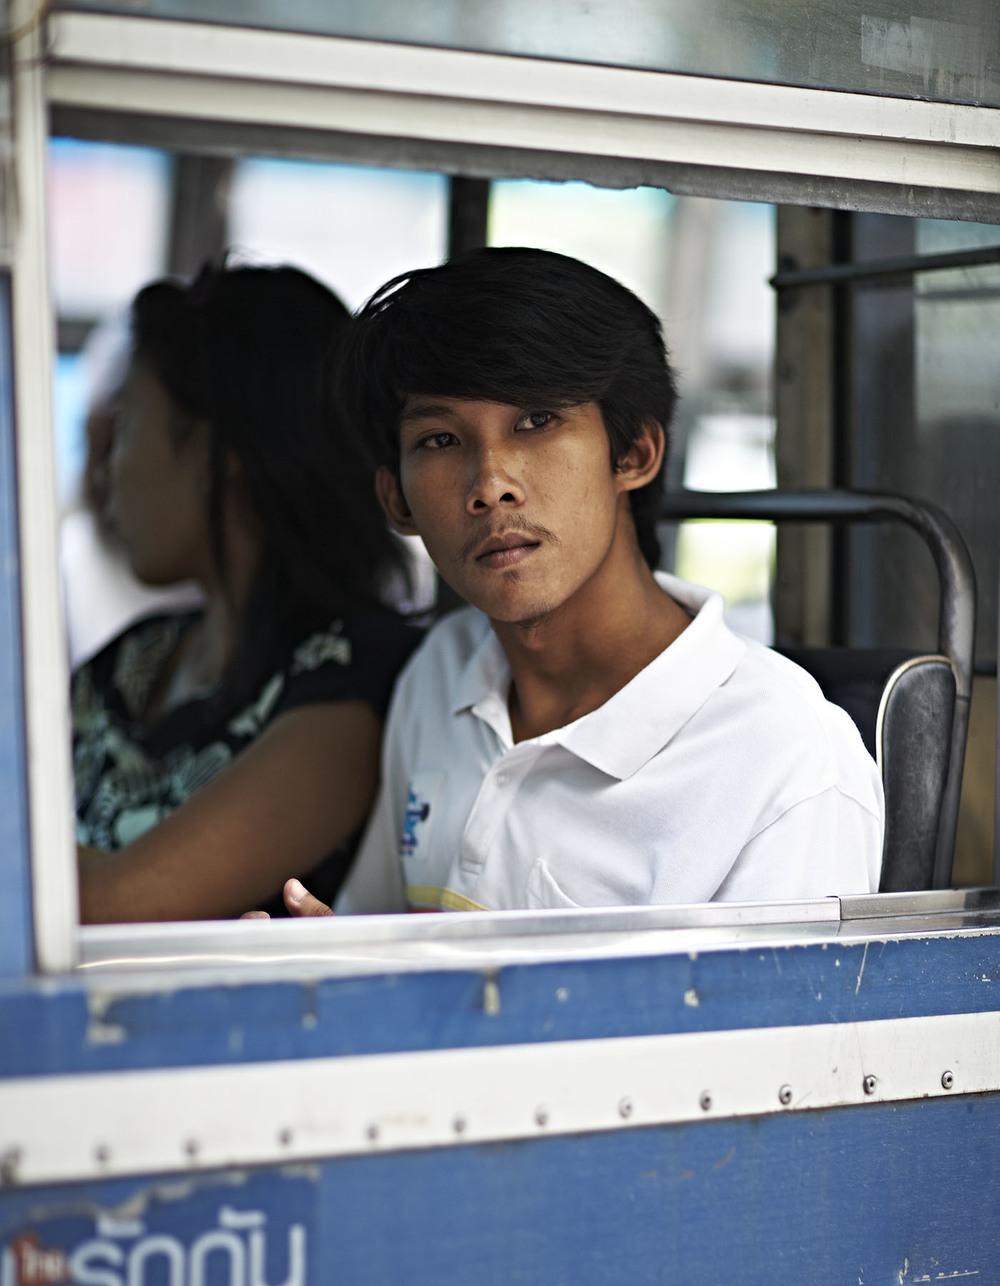 101216_Bangkok_people_0458.jpg